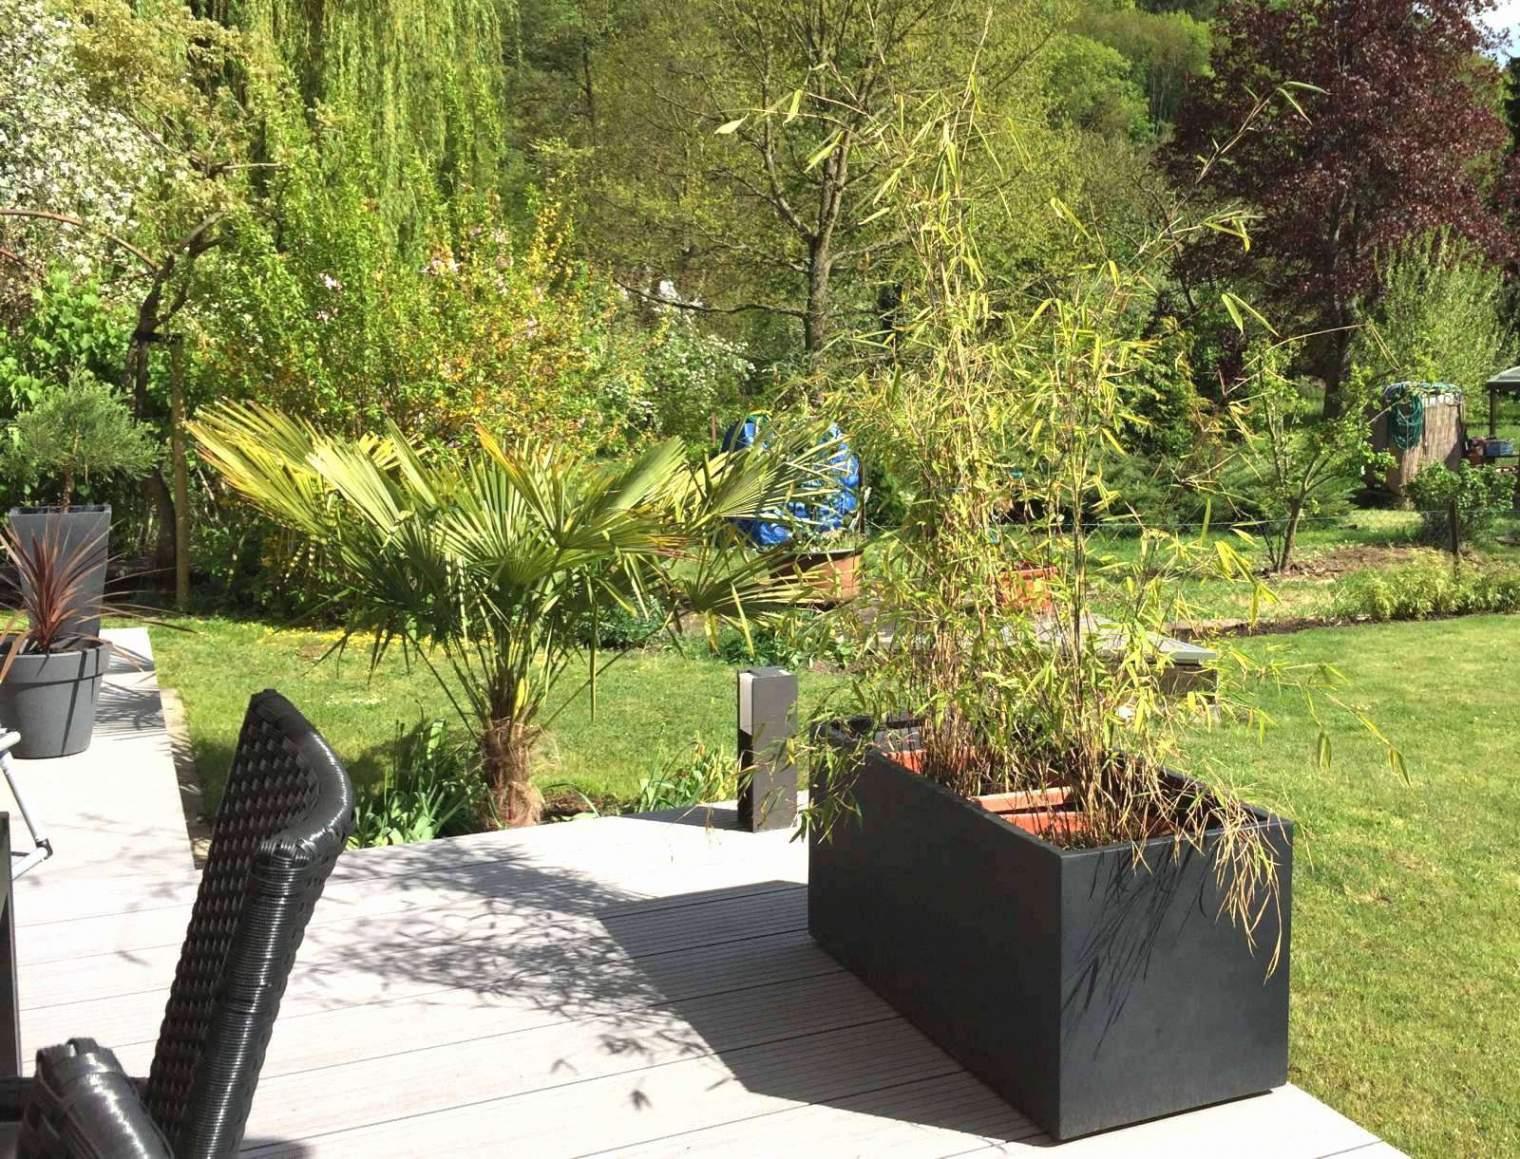 garten sichtschutz pflanzen neu sichtschutz garten terrasse das pflanzen als sichtschutz terrasse pflanzen als sichtschutz terrasse